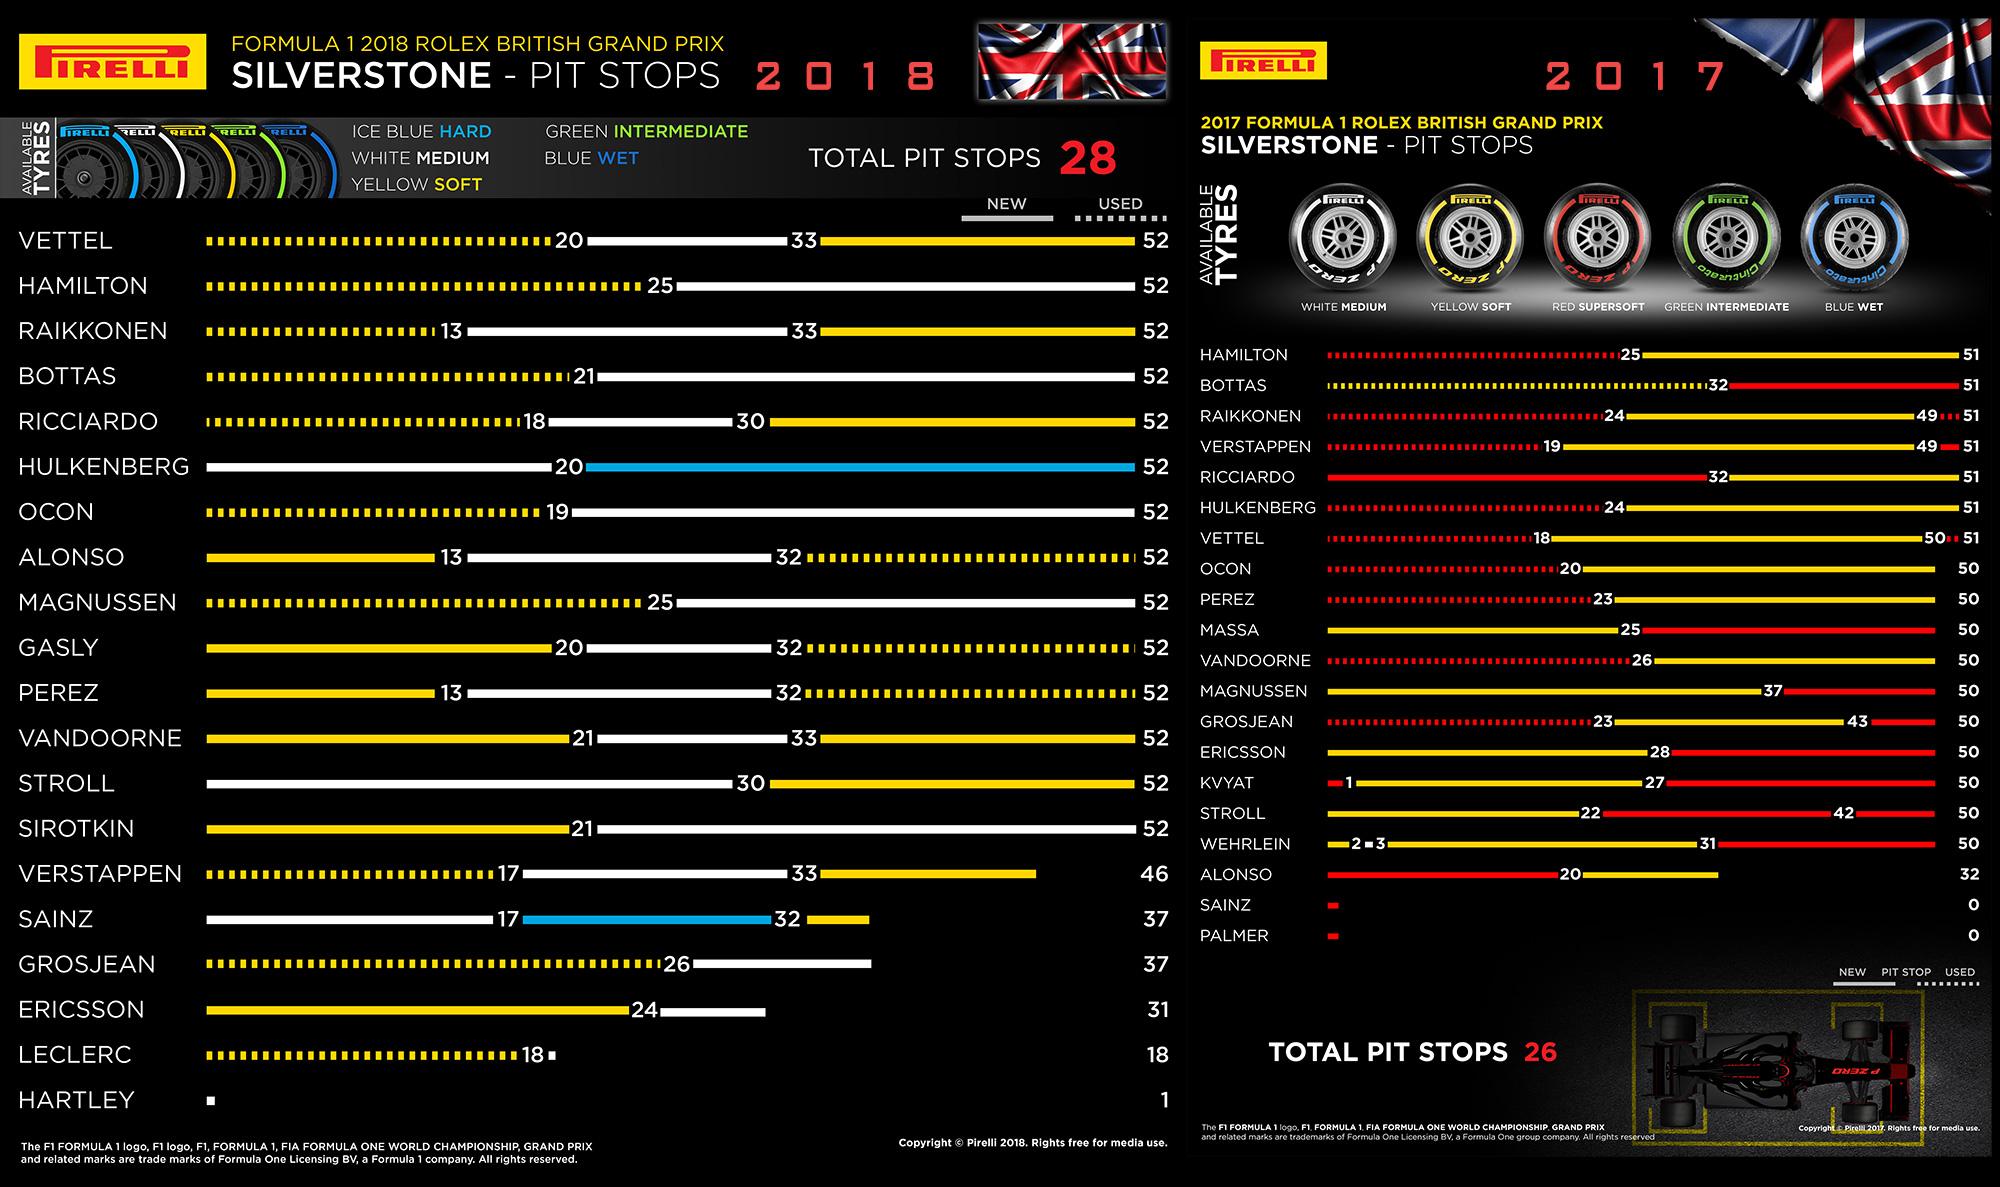 pitstops-comparados-2018-vs-2017.jpg